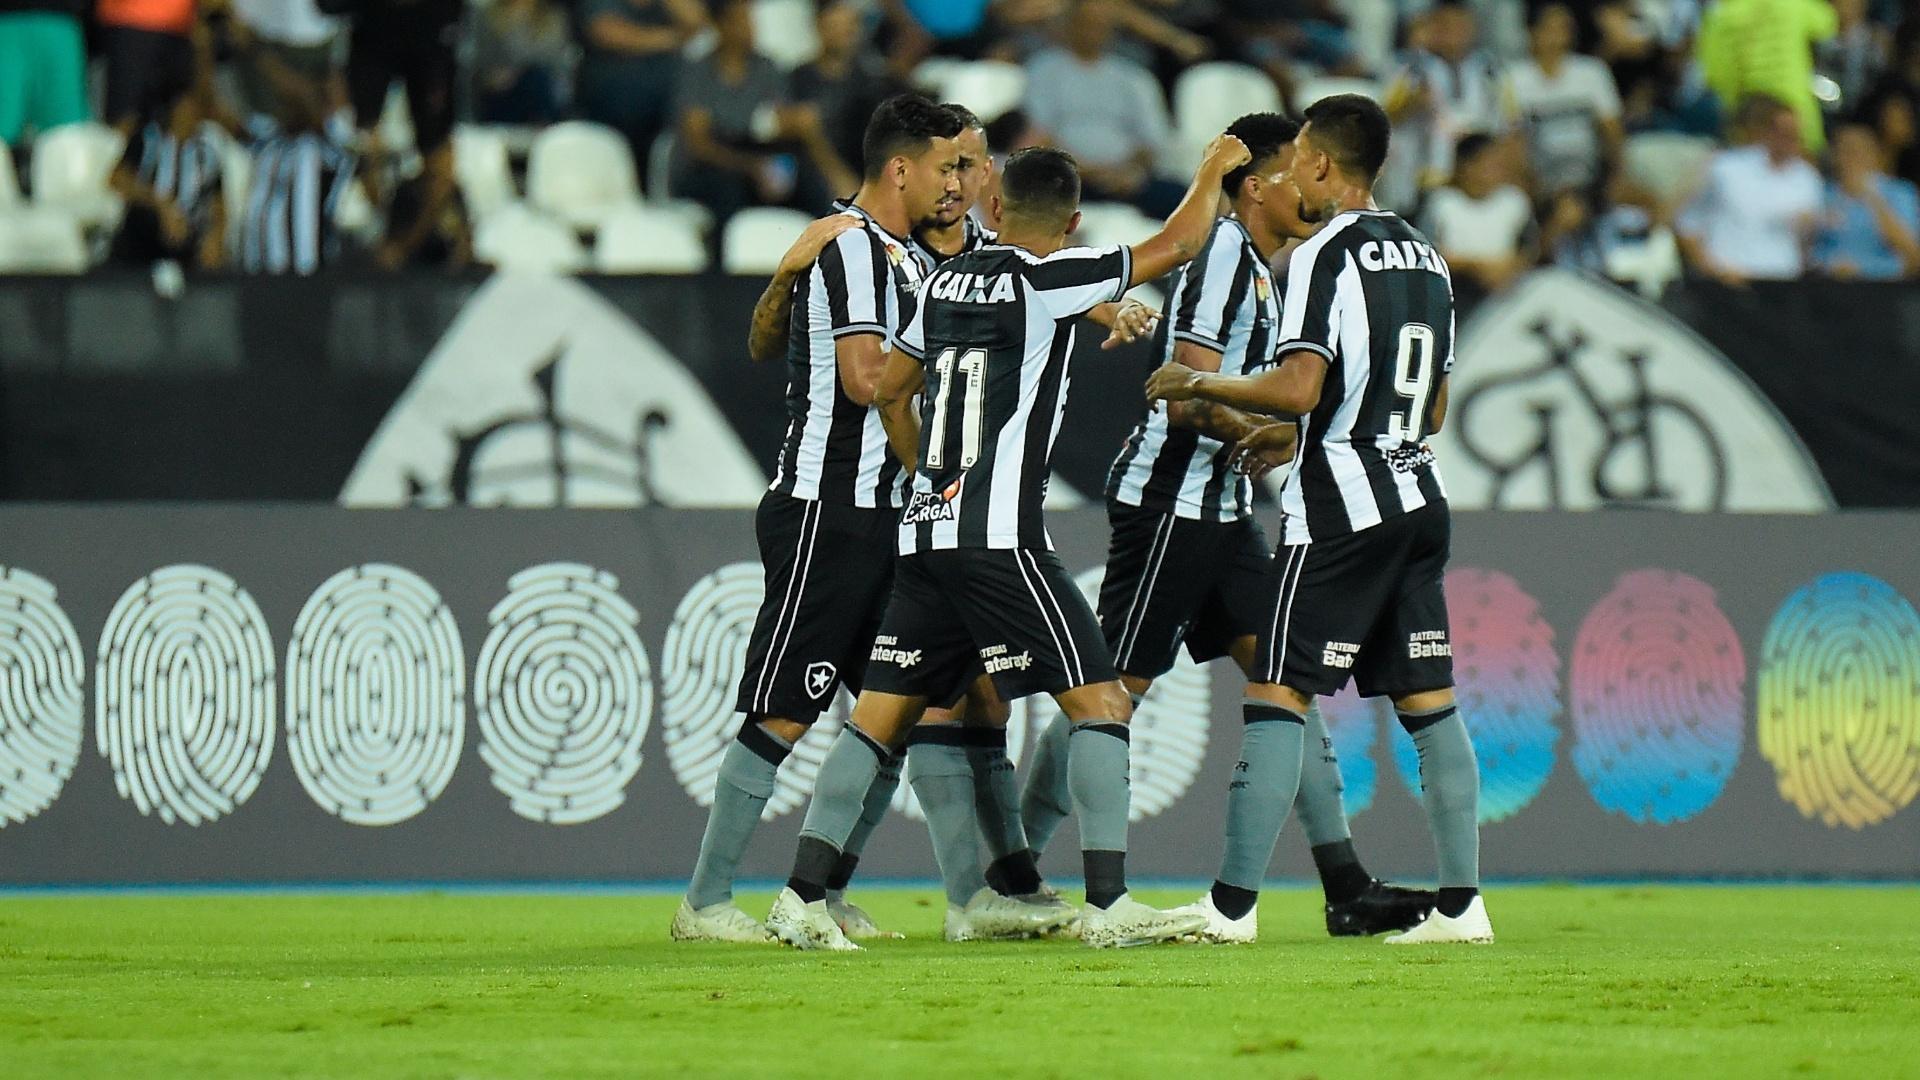 Jogadores do Botafogo comemoram gol contra o Vasco em clássico do Brasileirão